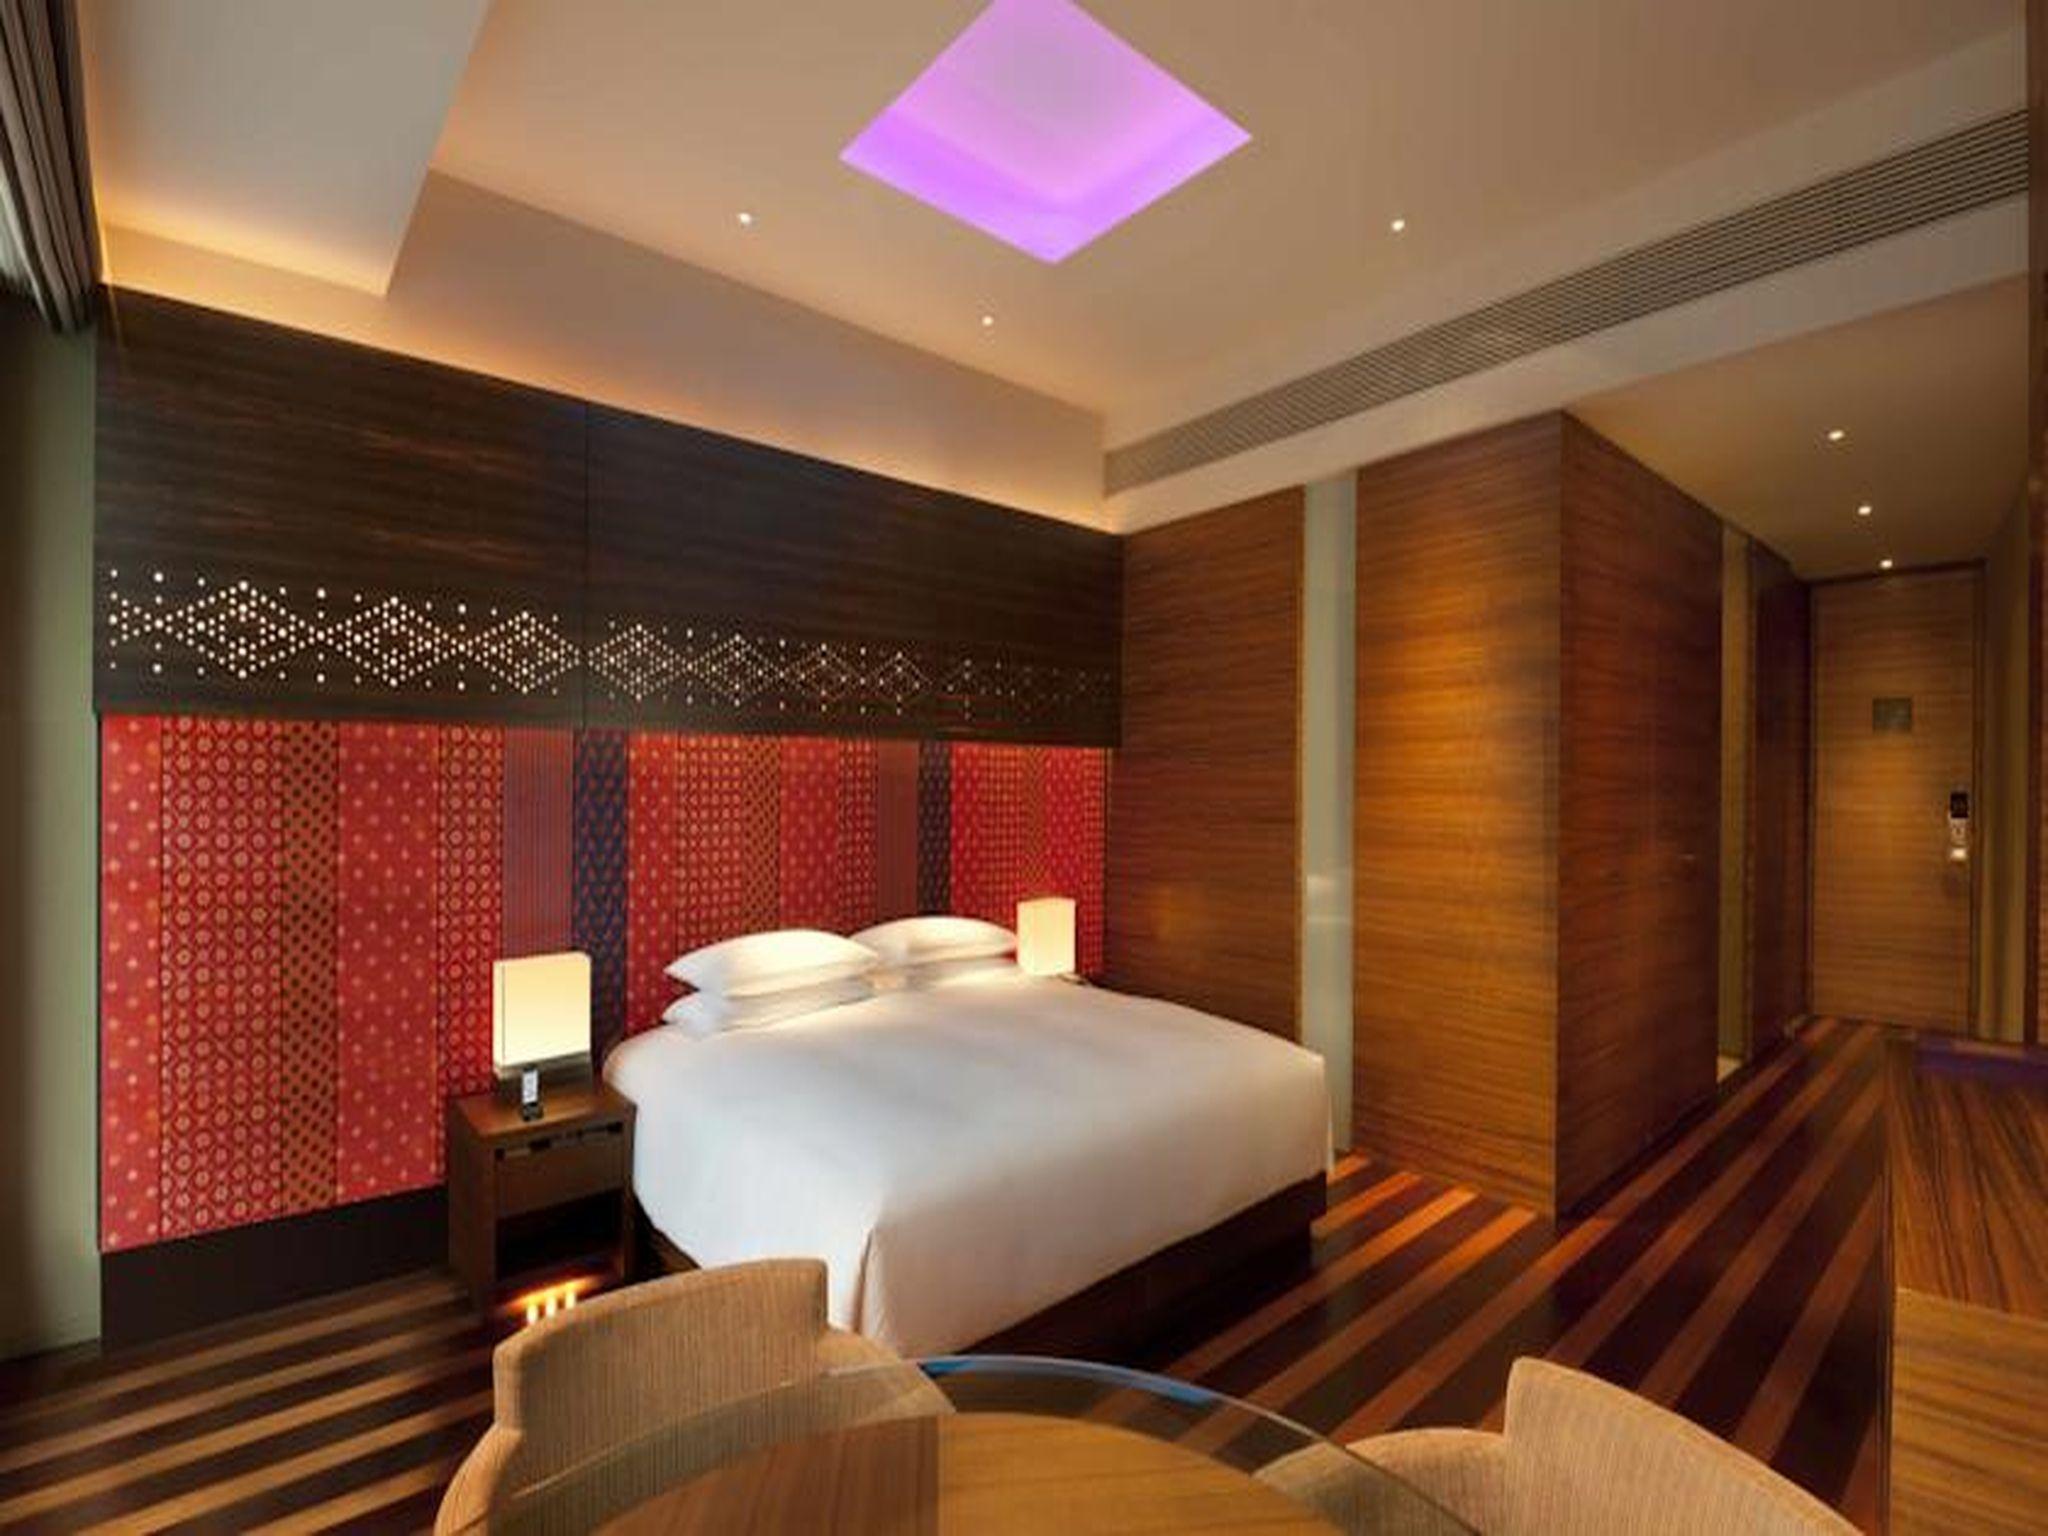 上海新天地安達仕酒店 (Andaz Xintiandi Shanghai-a concept by Hyatt)_高檔型_預訂優惠價格_地址位置_聯系方式